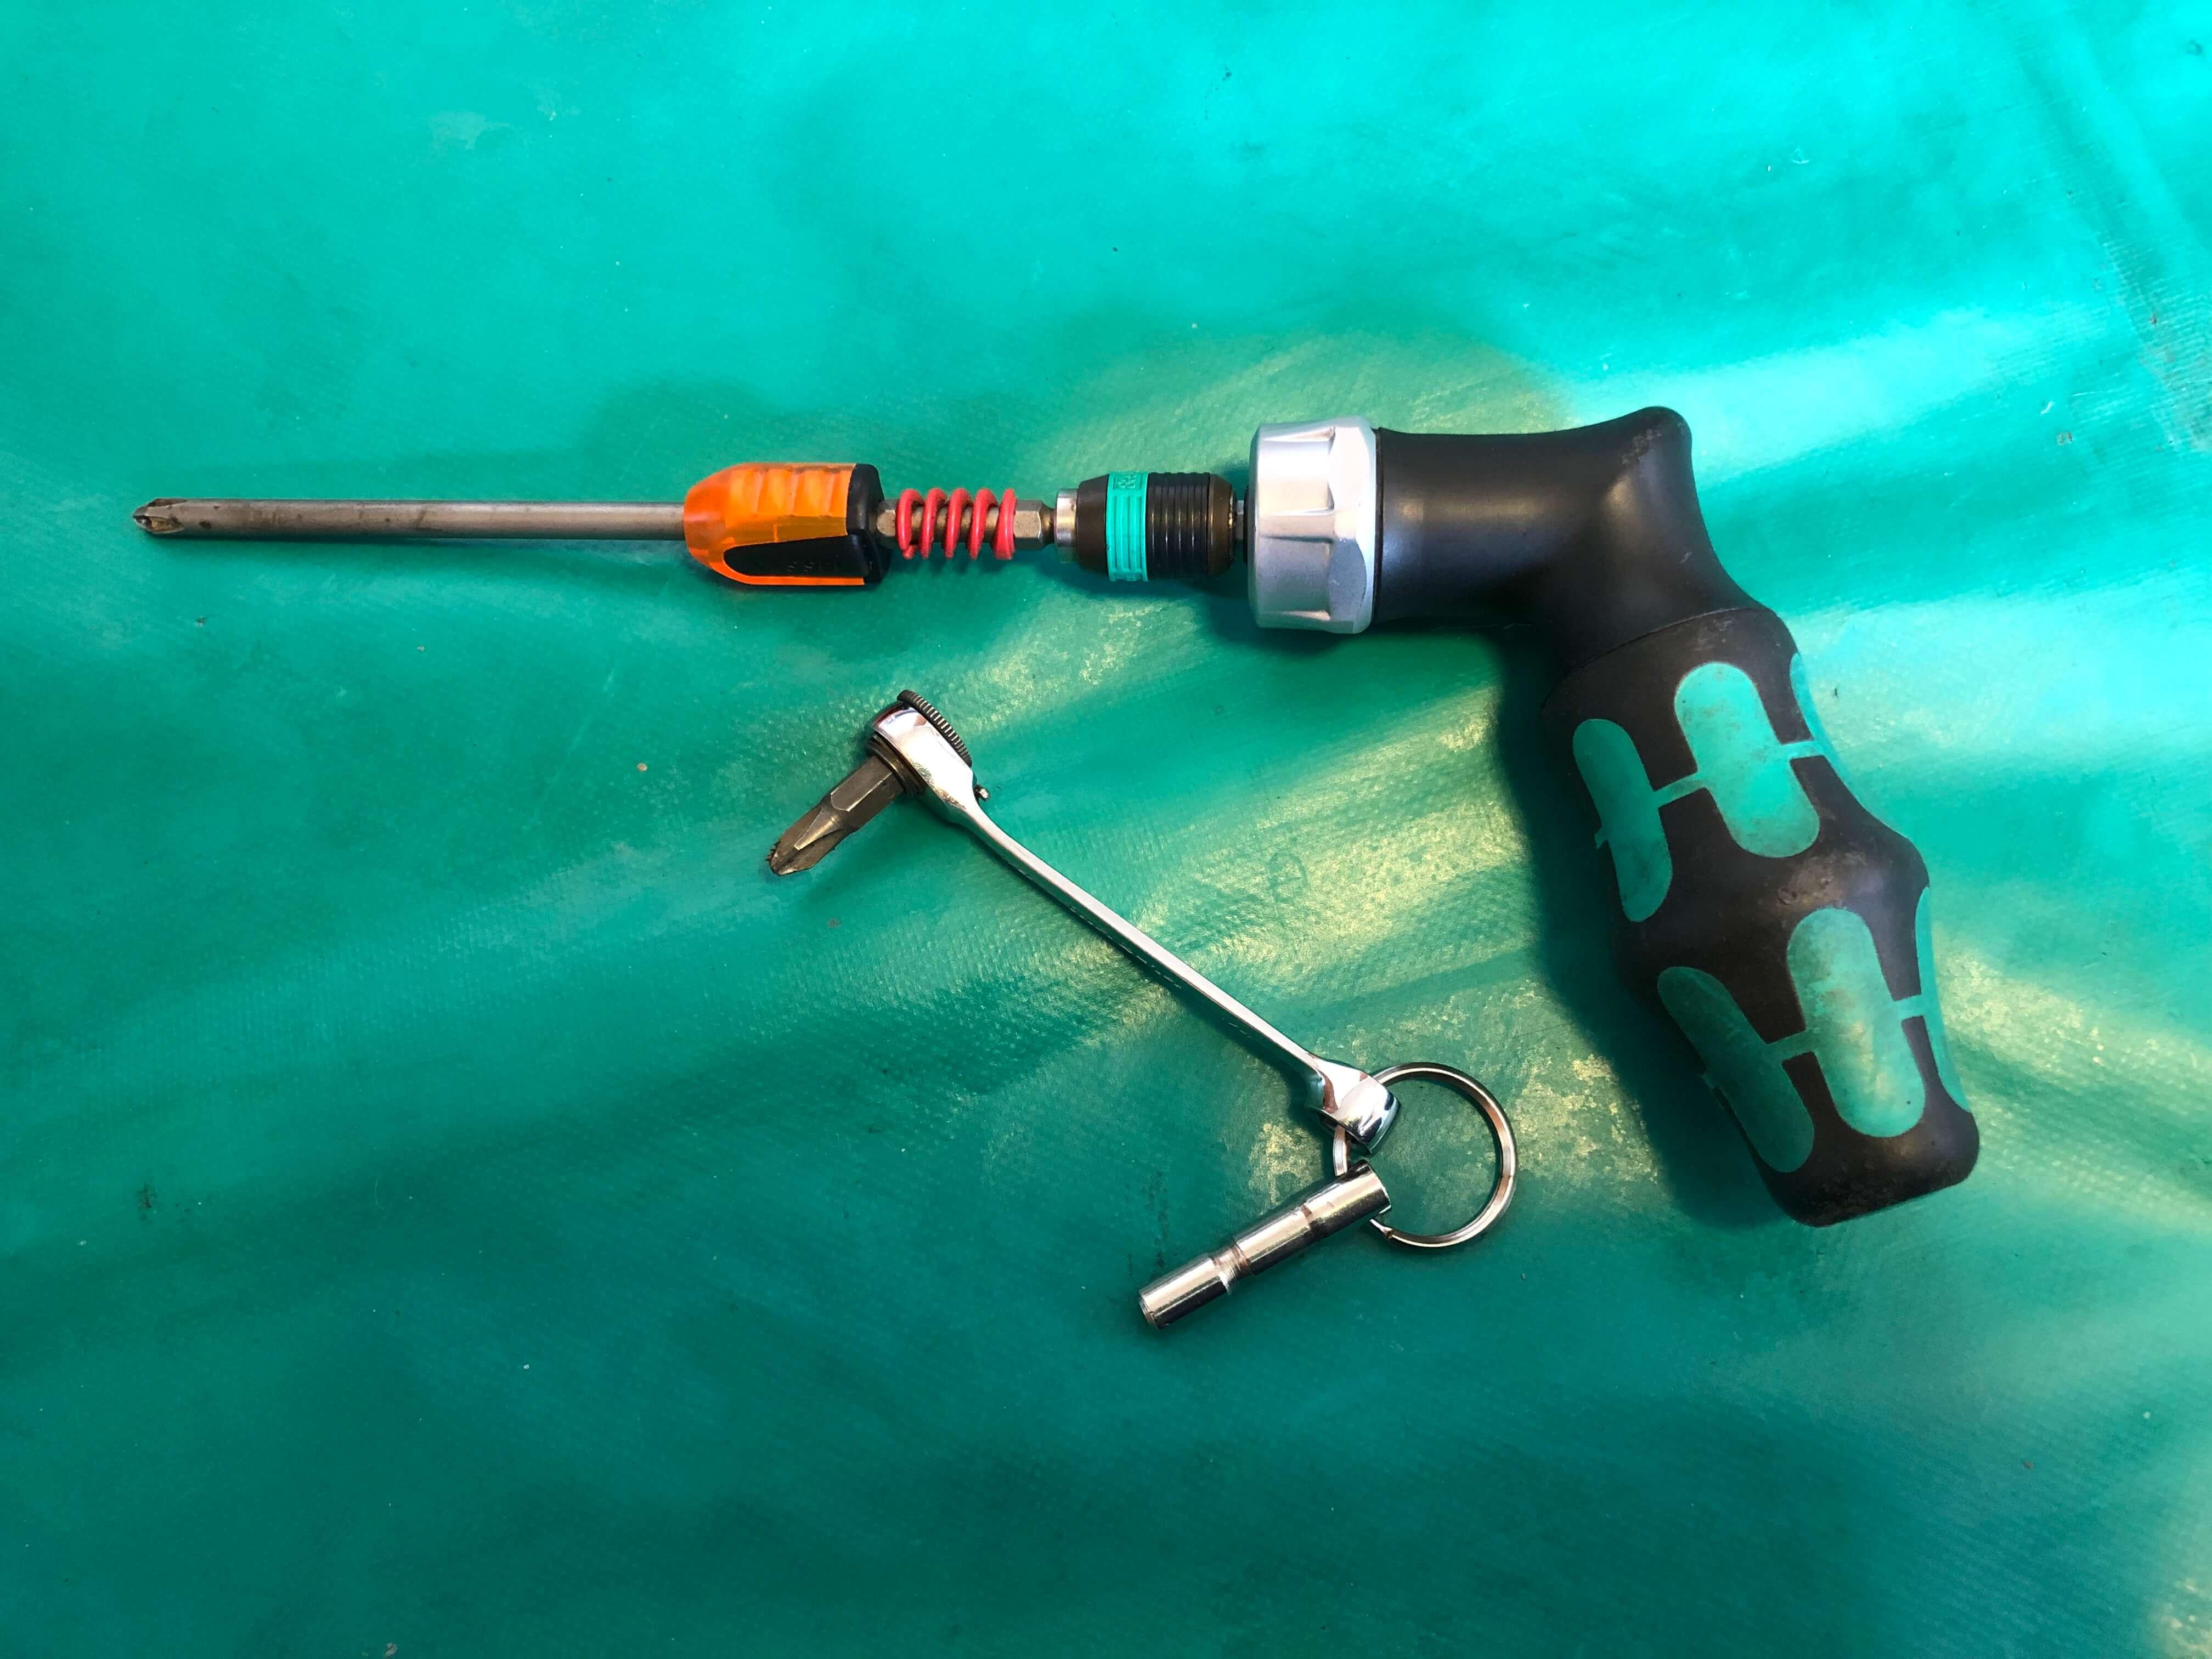 エアコンクリーニングで使う道具